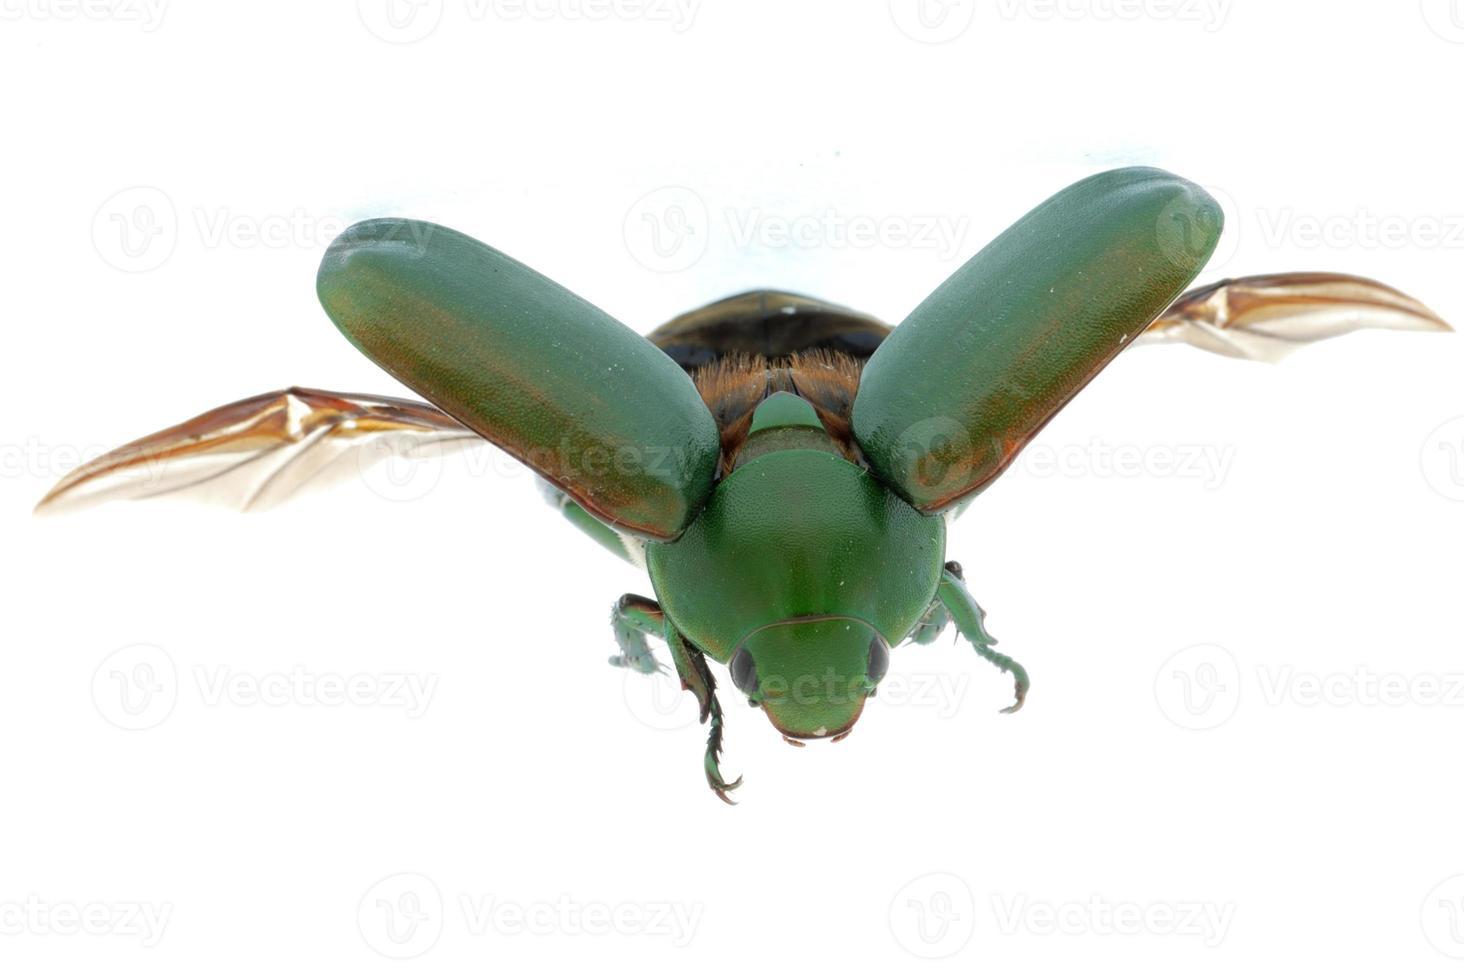 vliegende insecten groene kever op wit wordt geïsoleerd foto